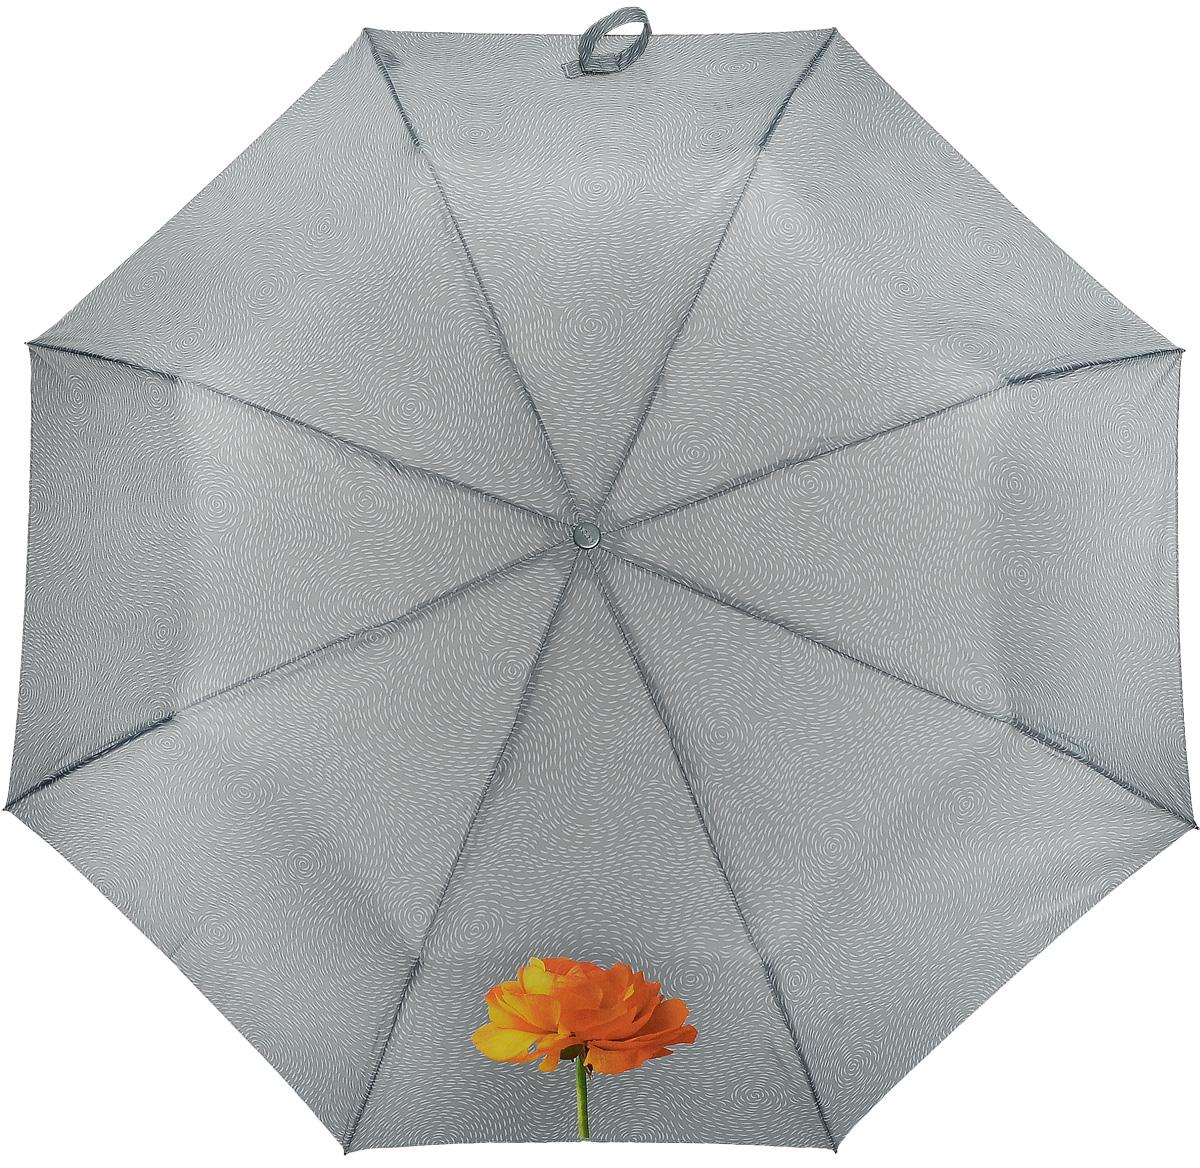 Зонт женский Airton, механический, 3 сложения, цвет: серый, оранжевый. 3511-1833511-183Оригинальный однотонный женский зонт в 3 сложения с миниатюрным цветочным принтом. Данная модель оснащена механической системой открытия и закрытия. Удобная ручка выполнена из пластика в тон основному цвету купола зонта. Модель зонта выполнена в стандартном размере, оснащена системой Антиветер. Этот стильный аксессуар поместится практически в любую женскую сумочку благодаря своим небольшим размерам.